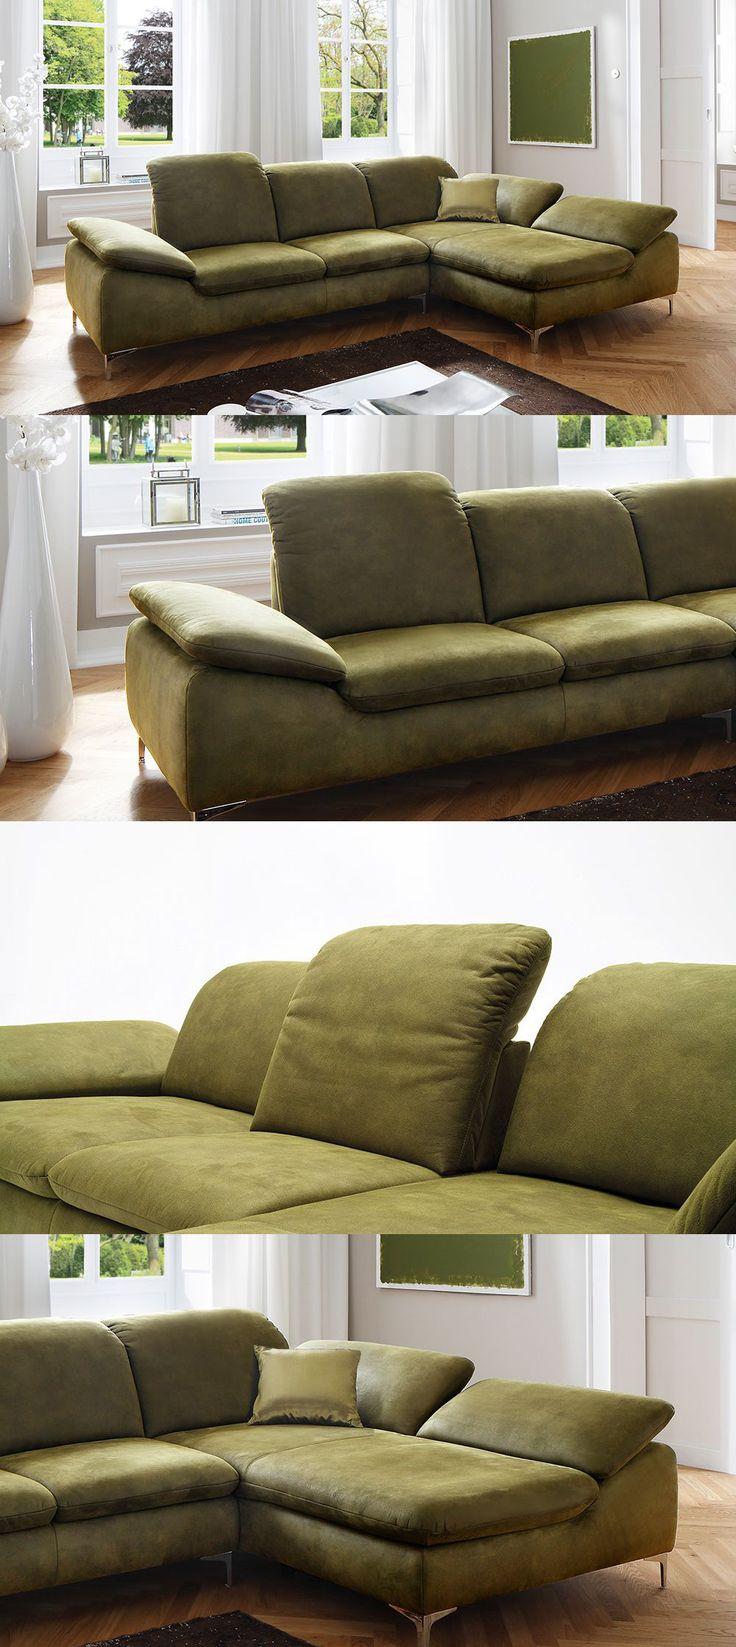 Grünes ecksofa patarra bietet dir eine wohlfühloase der extraklasse mit vielen relaxfunktionen und bequemer polsterung